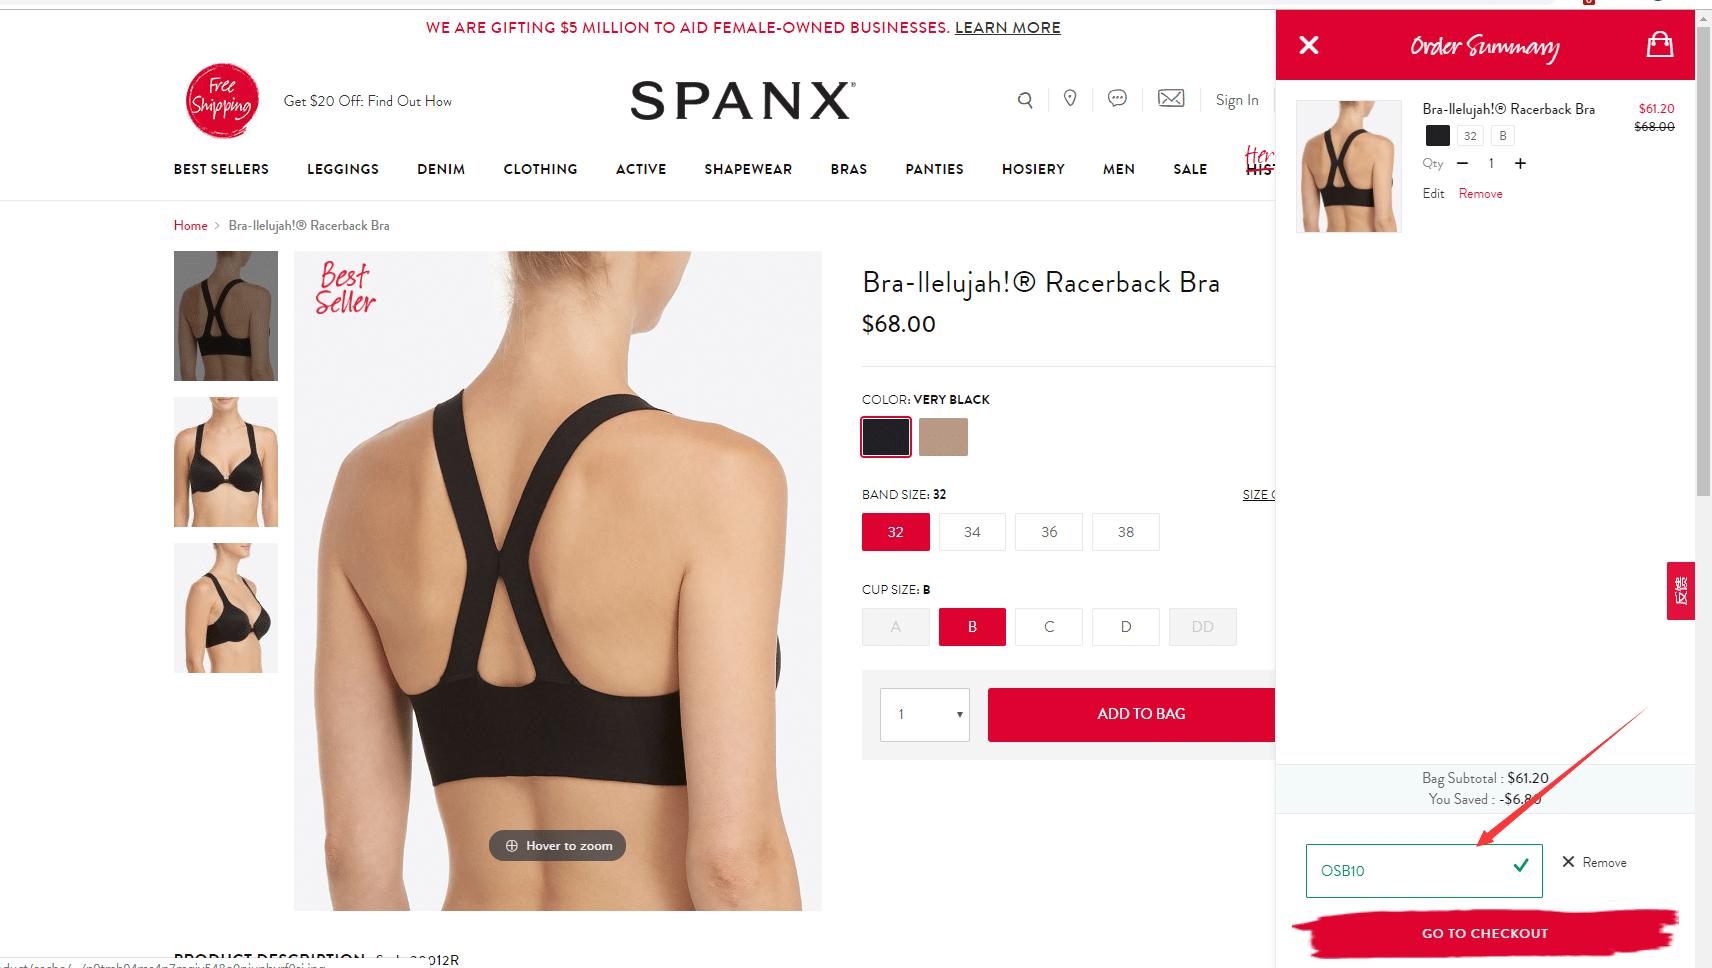 Spanx Promo Code